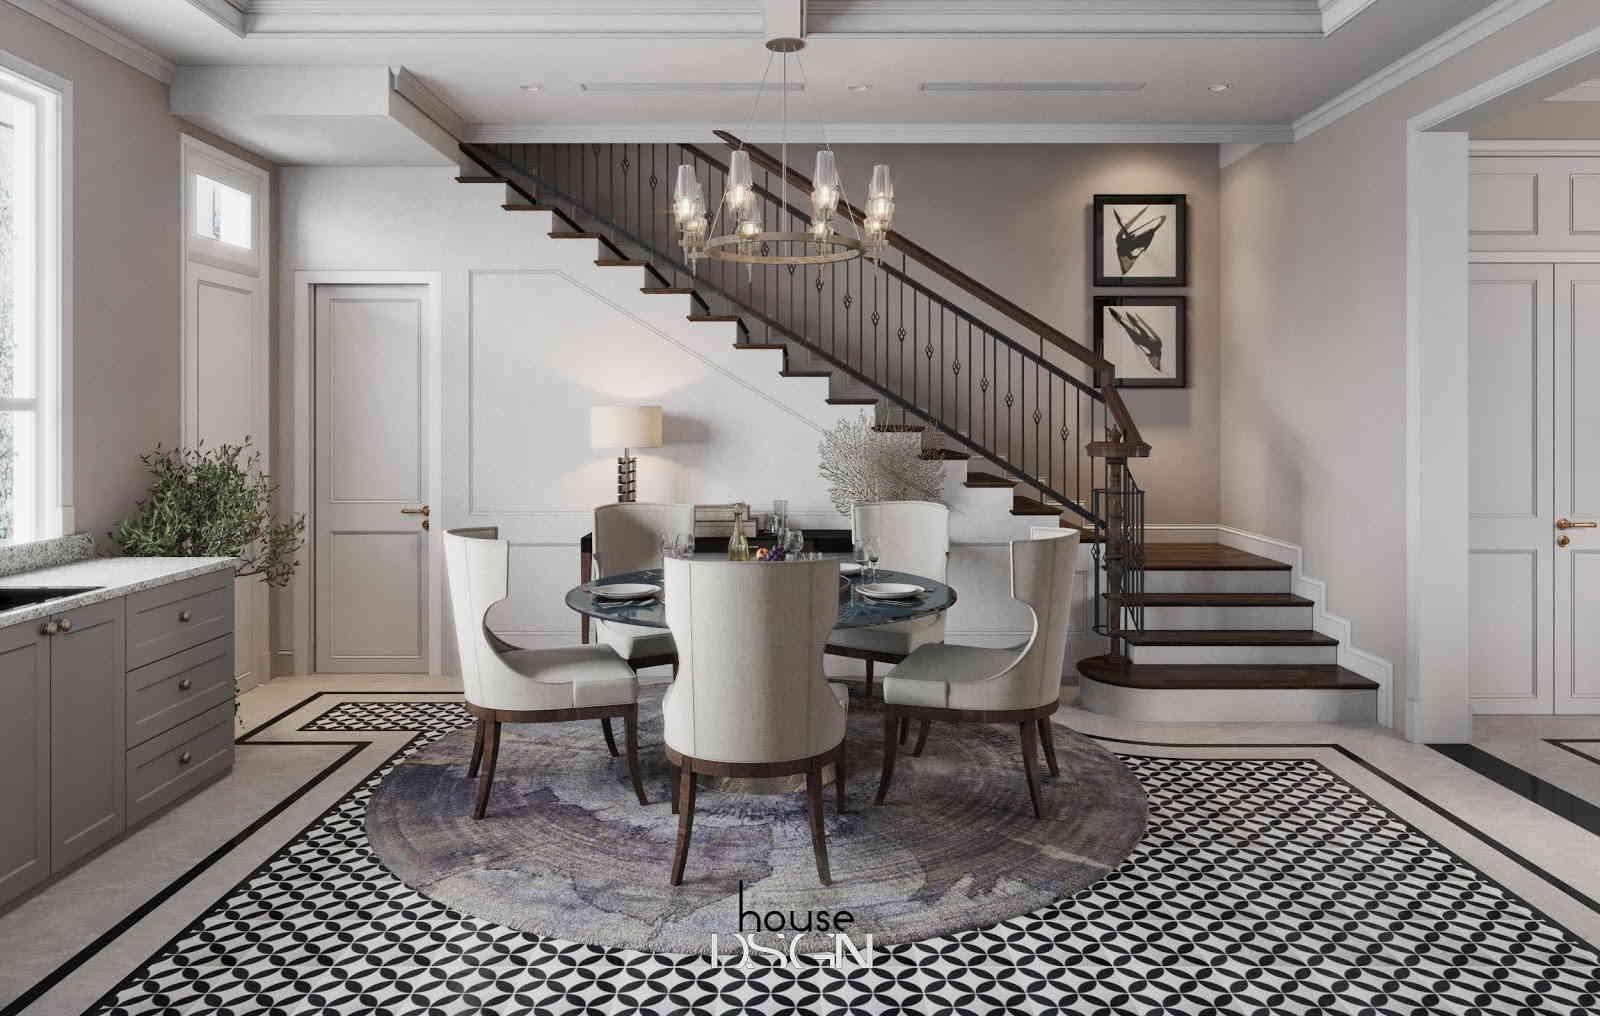 các mẫu thiết kế nội thất phong cách cổ điển